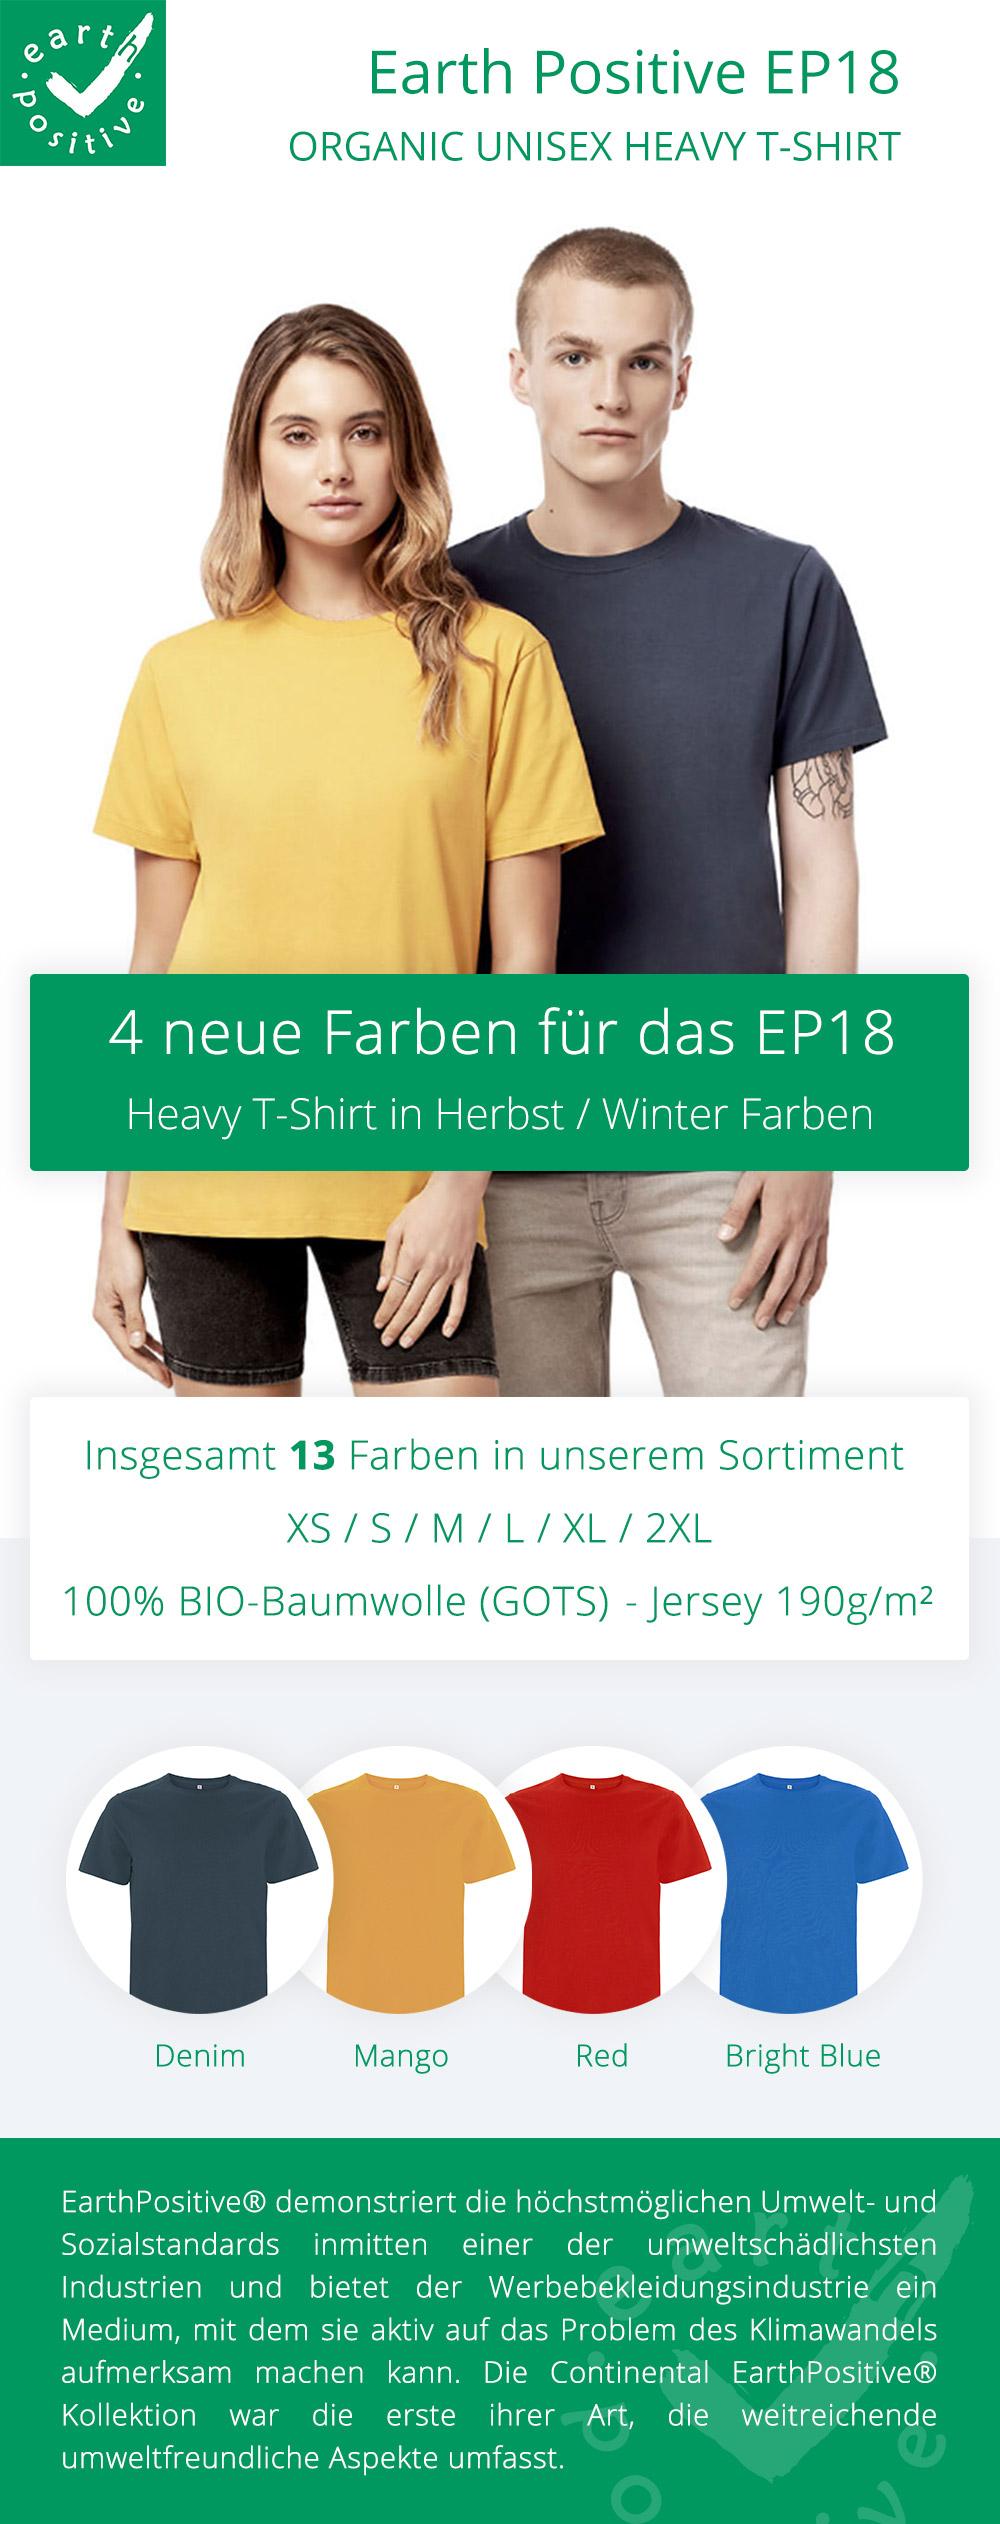 Newsletter-EP18-4-neue-Farben-06.09.2019